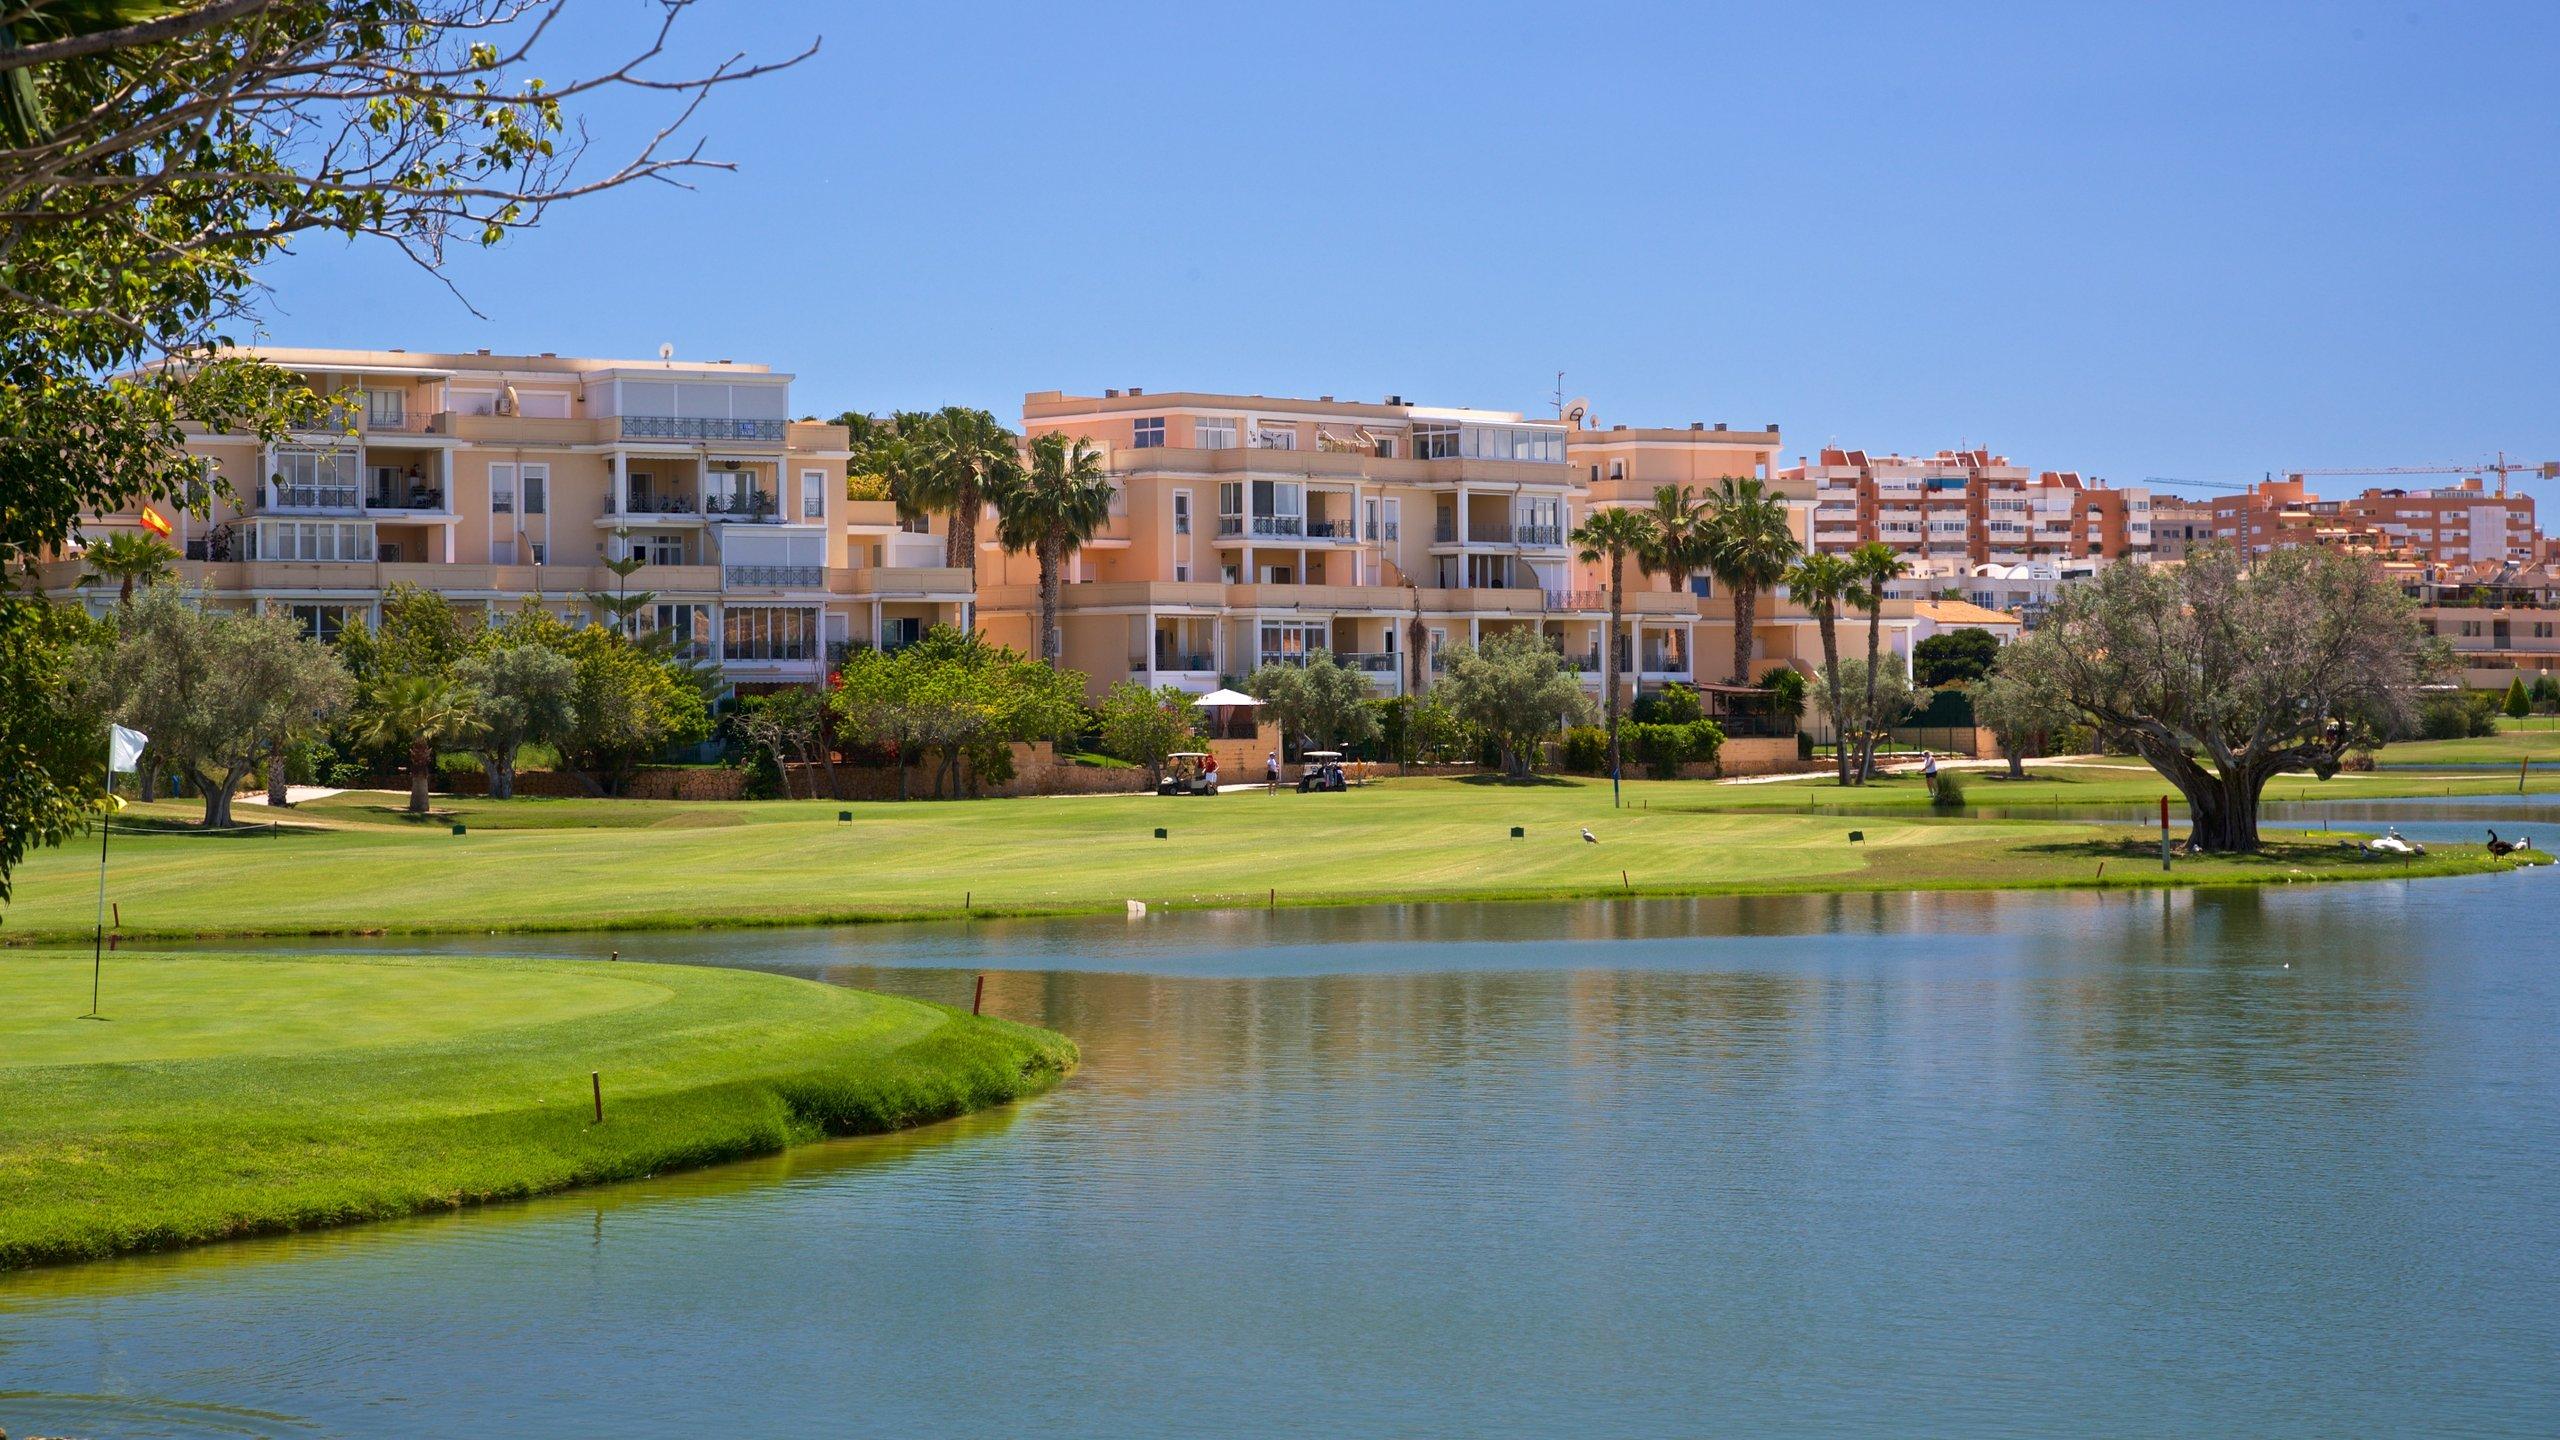 Deze golfbaan is het meesterwerk van Severiano Ballesteros, de grote Spaanse golfer en baanontwerper, en is door het hotel op het terrein ideaal voor golfvakanties.